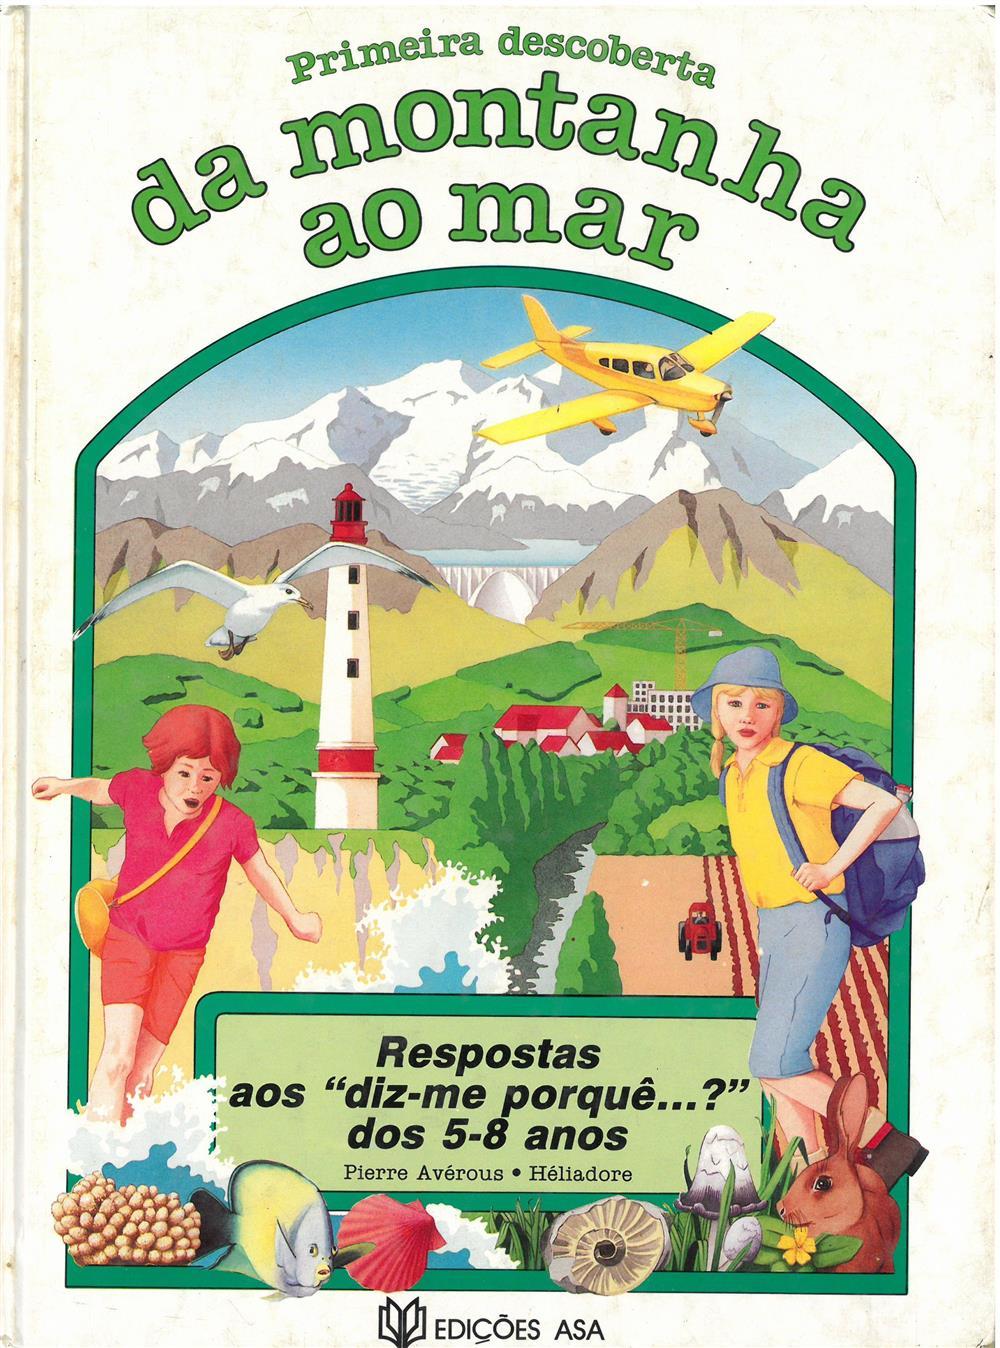 AVÉROUS, Pierre (1989). Primeira descoberta da montanha ao mar.jpg